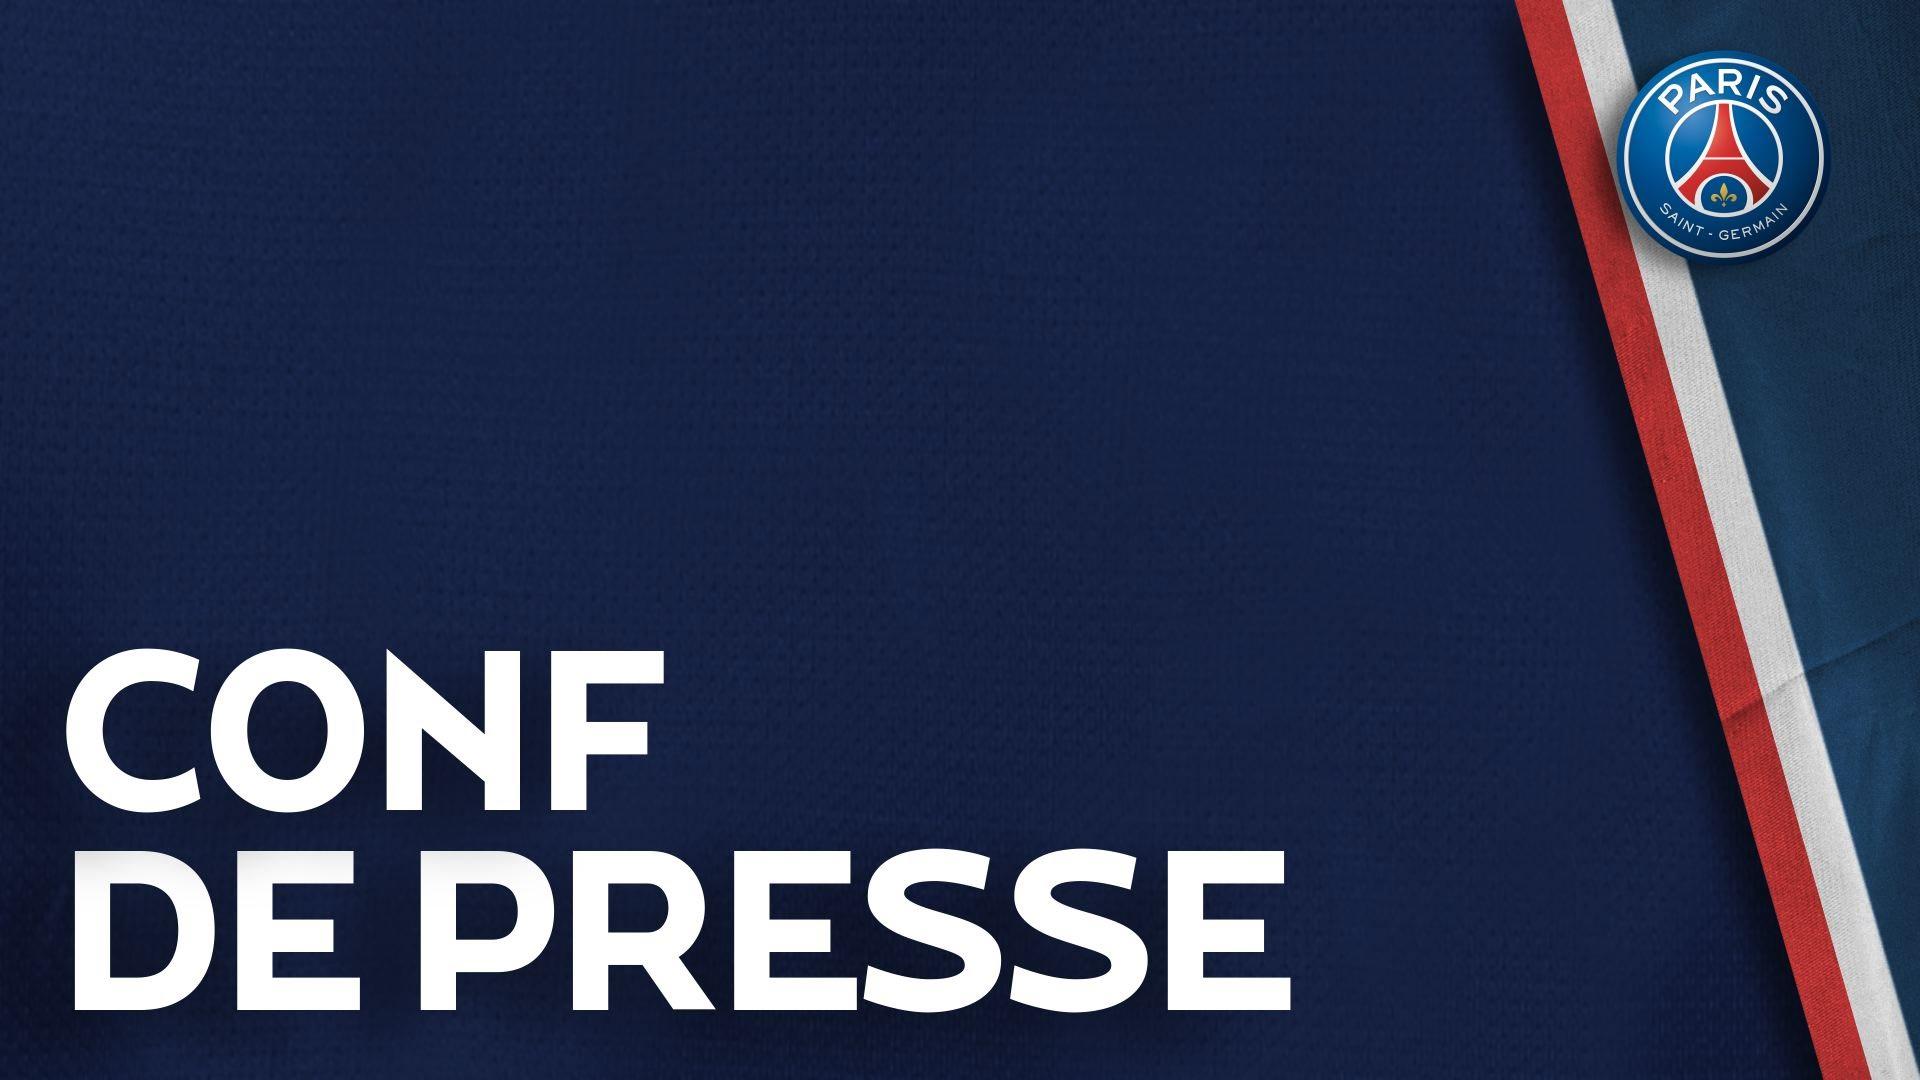 Conférence de presse Paris Saint-Germain